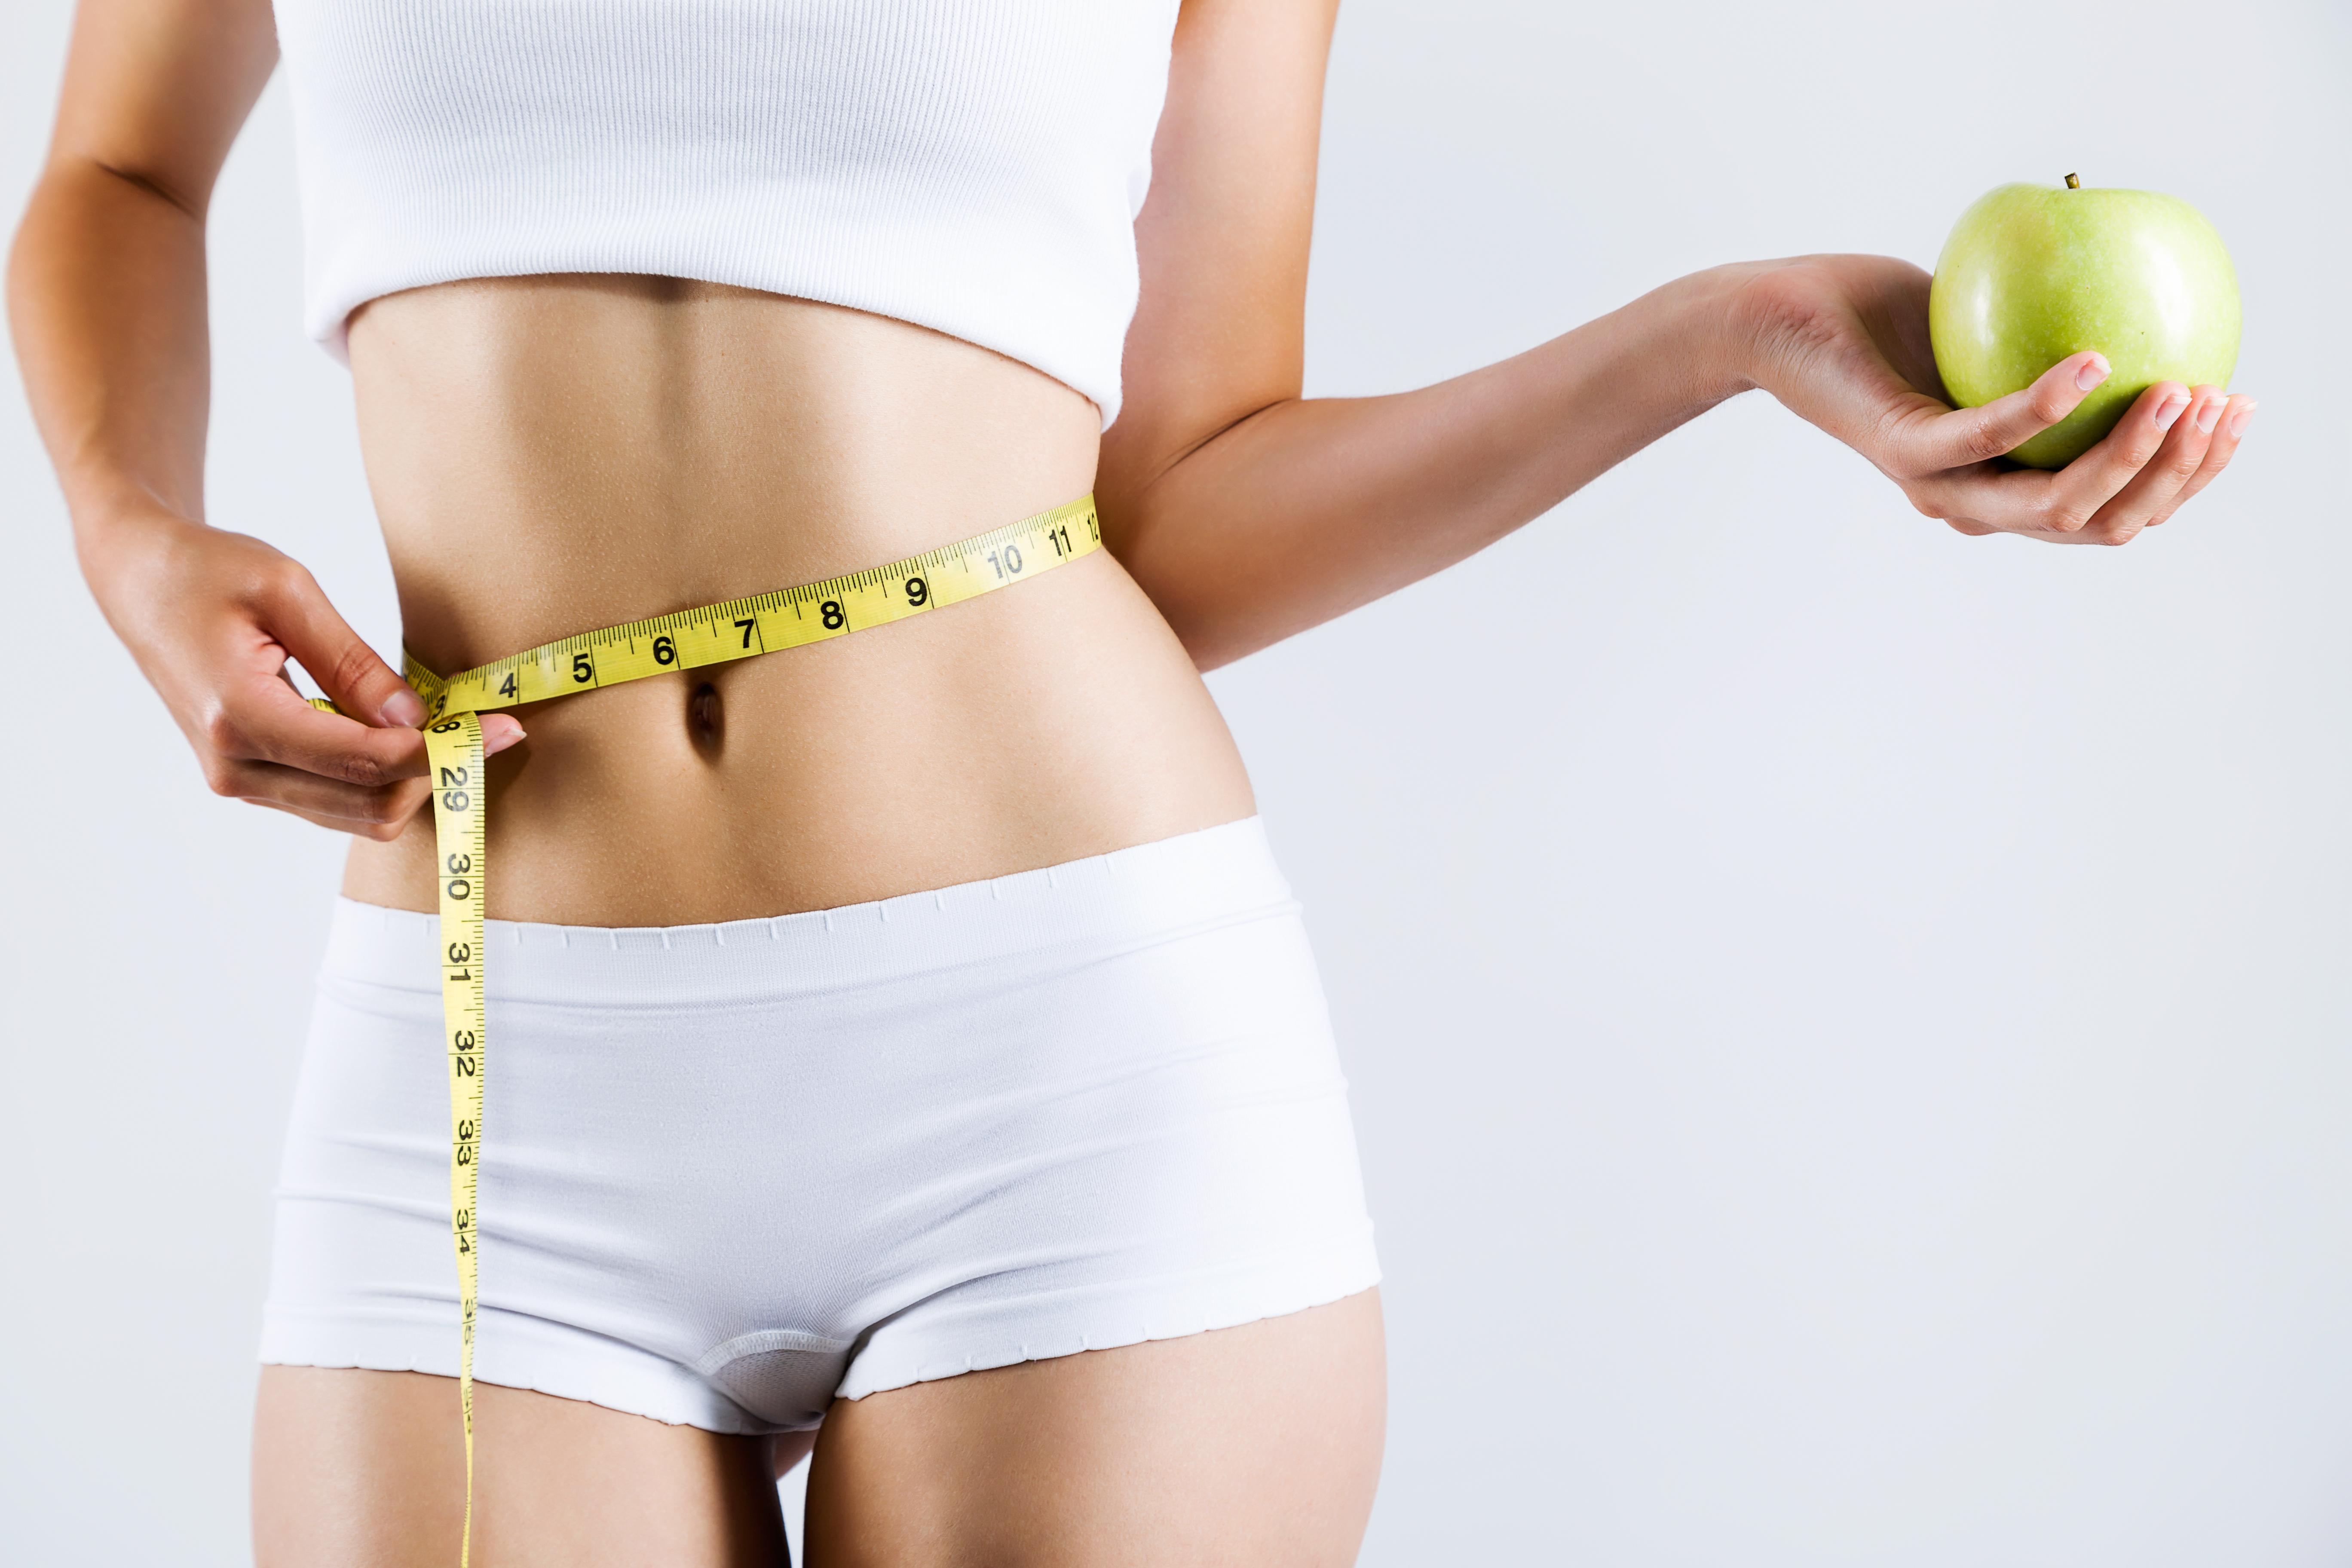 slăbește 1 kilogram pe săptămână pierderea de grăsime explicată